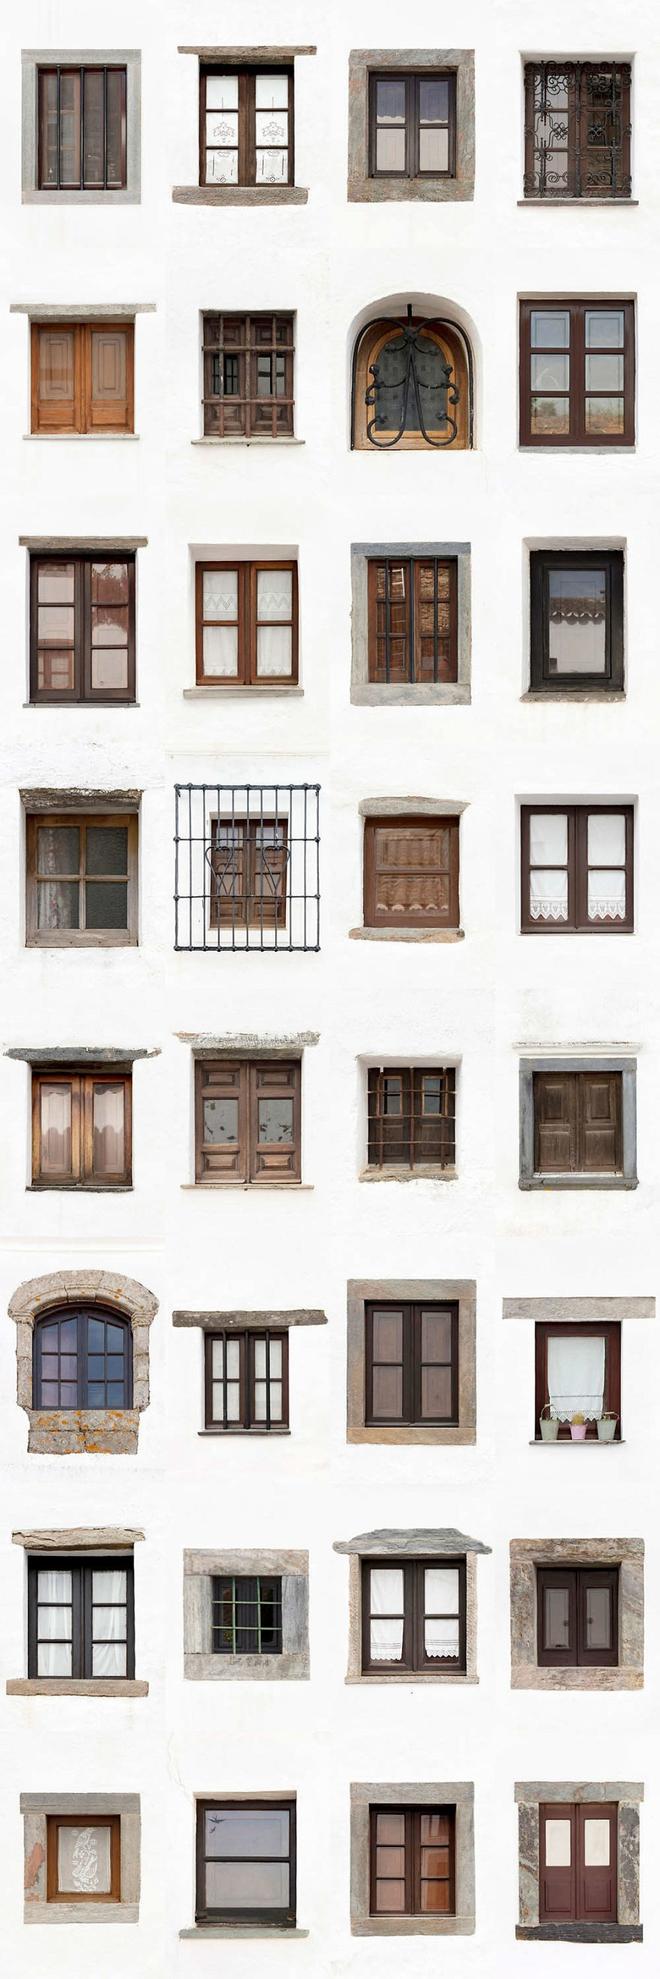 Mãn nhãn với 14 phong cách thiết kế cửa sổ ấn tượng ở Bồ Đào Nha - Ảnh 14.